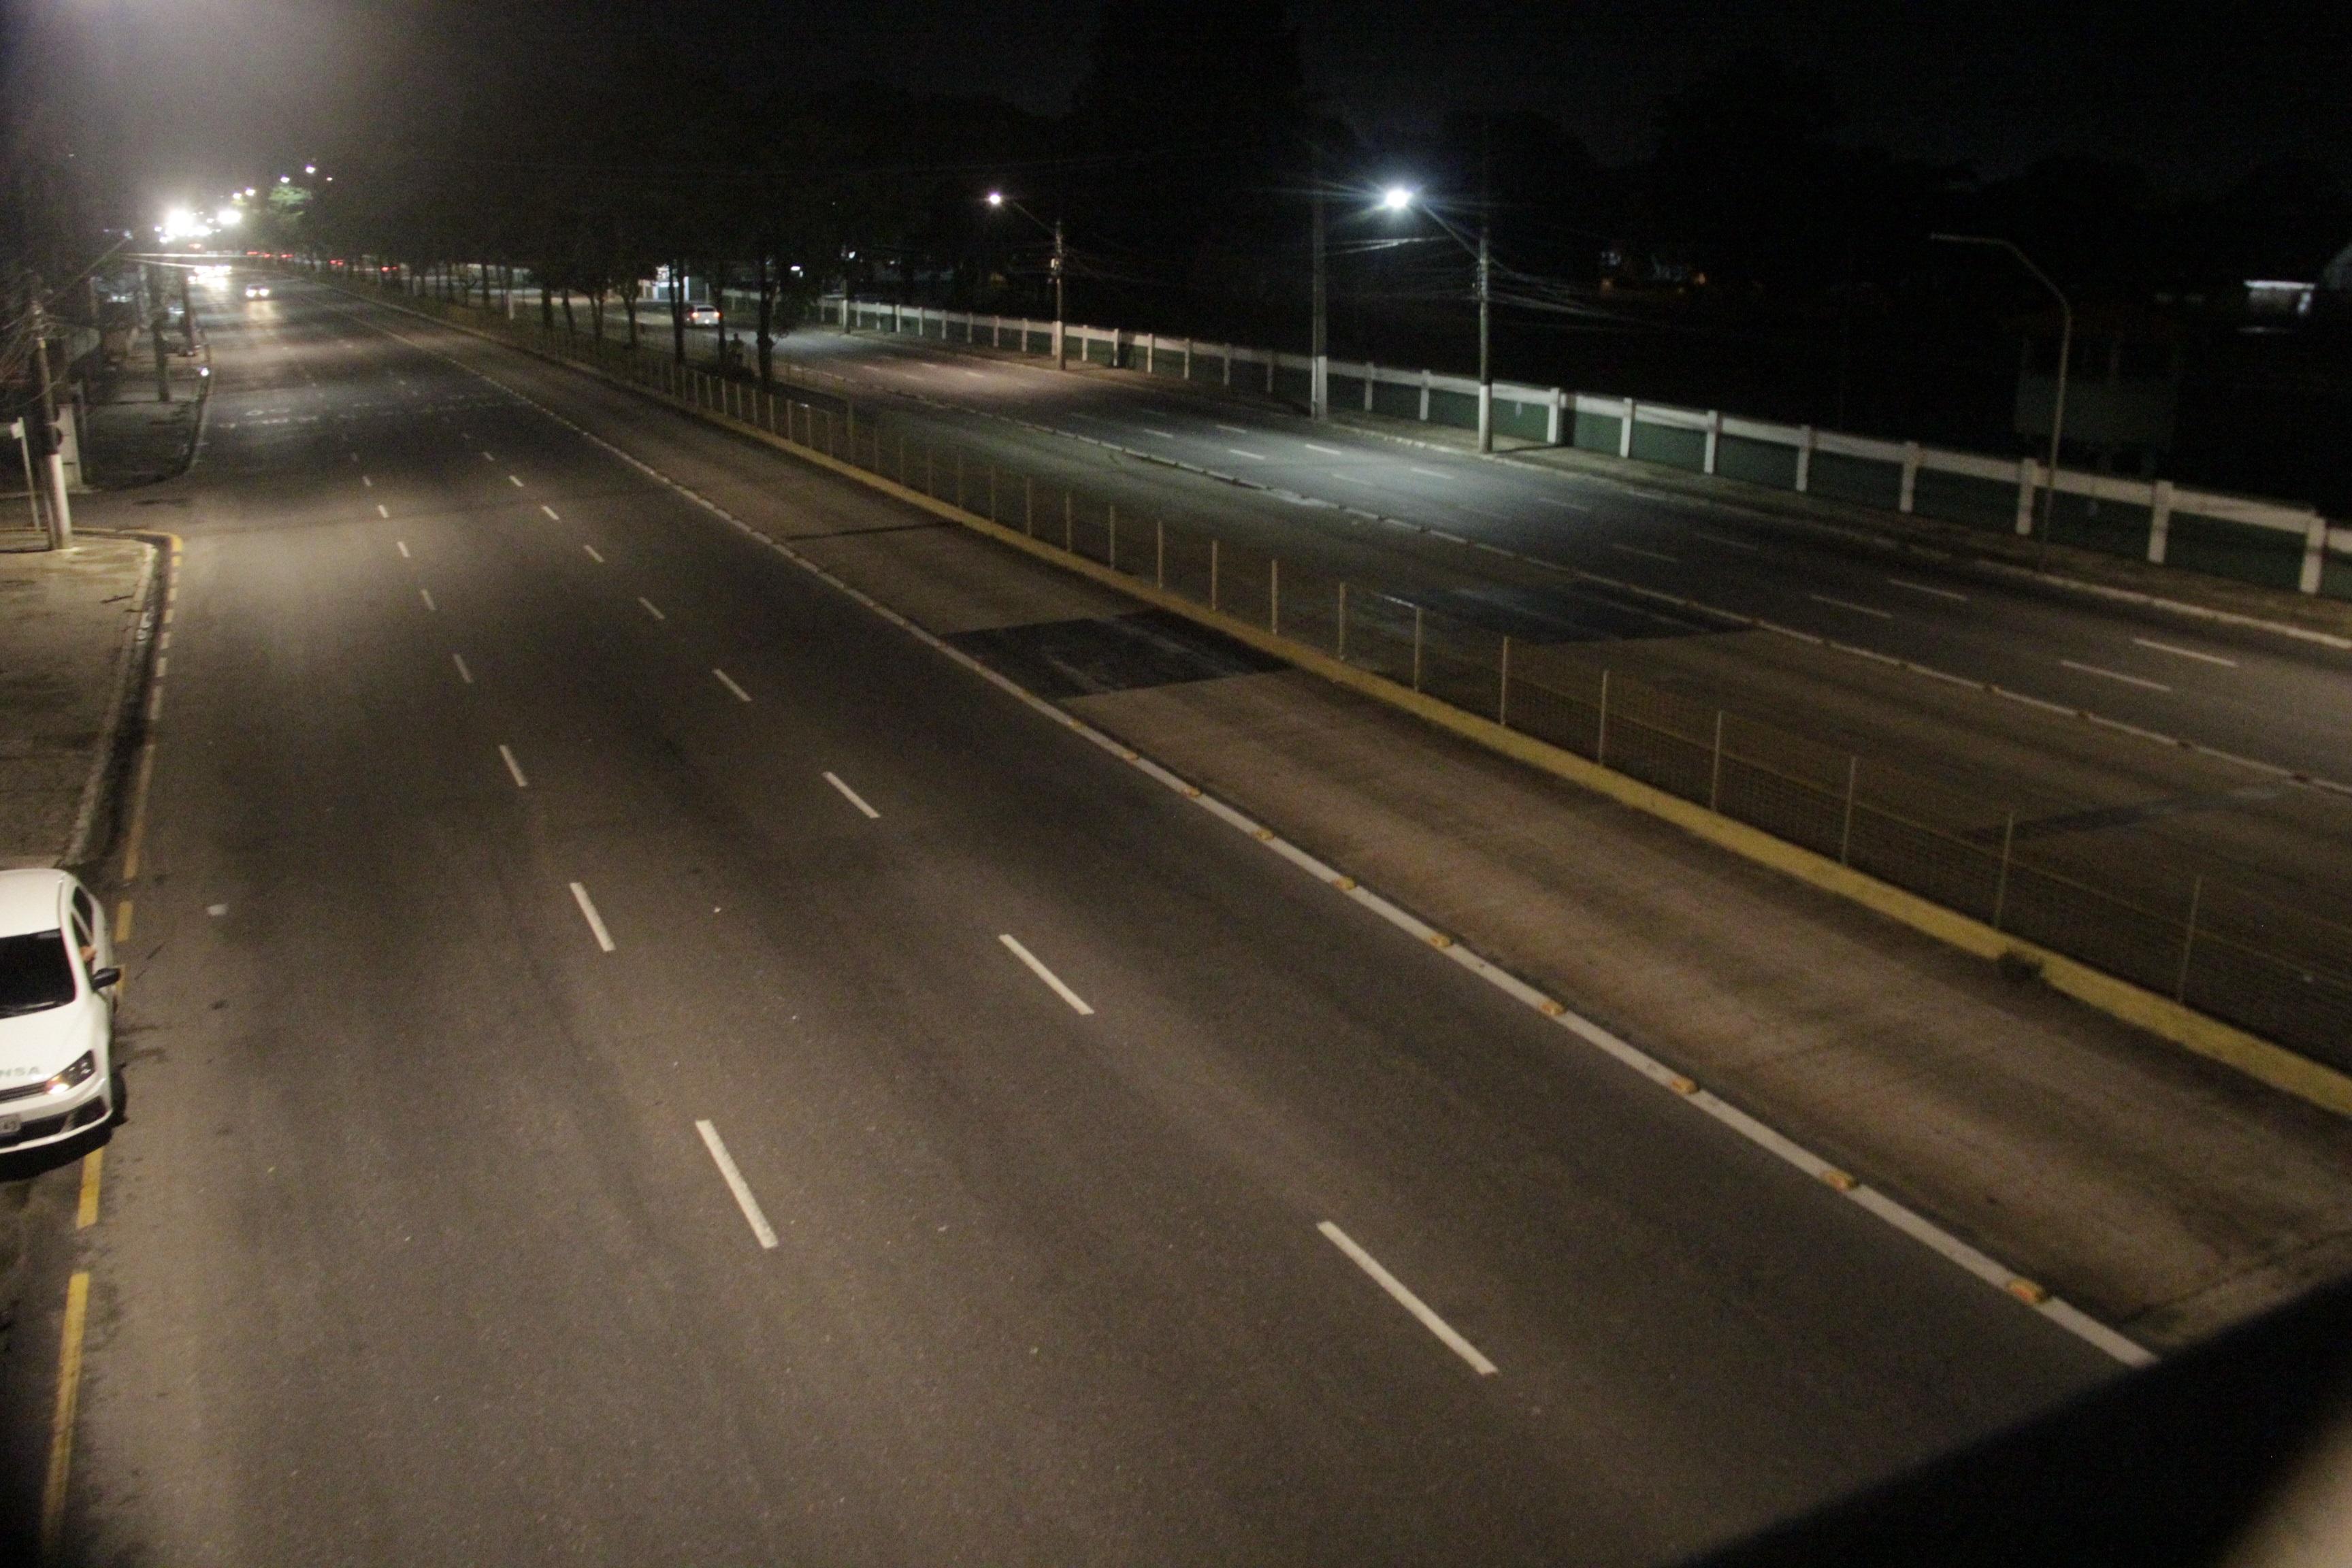 A partir das 21h, equipe do DIÁRIO registrou rua da capital deserta